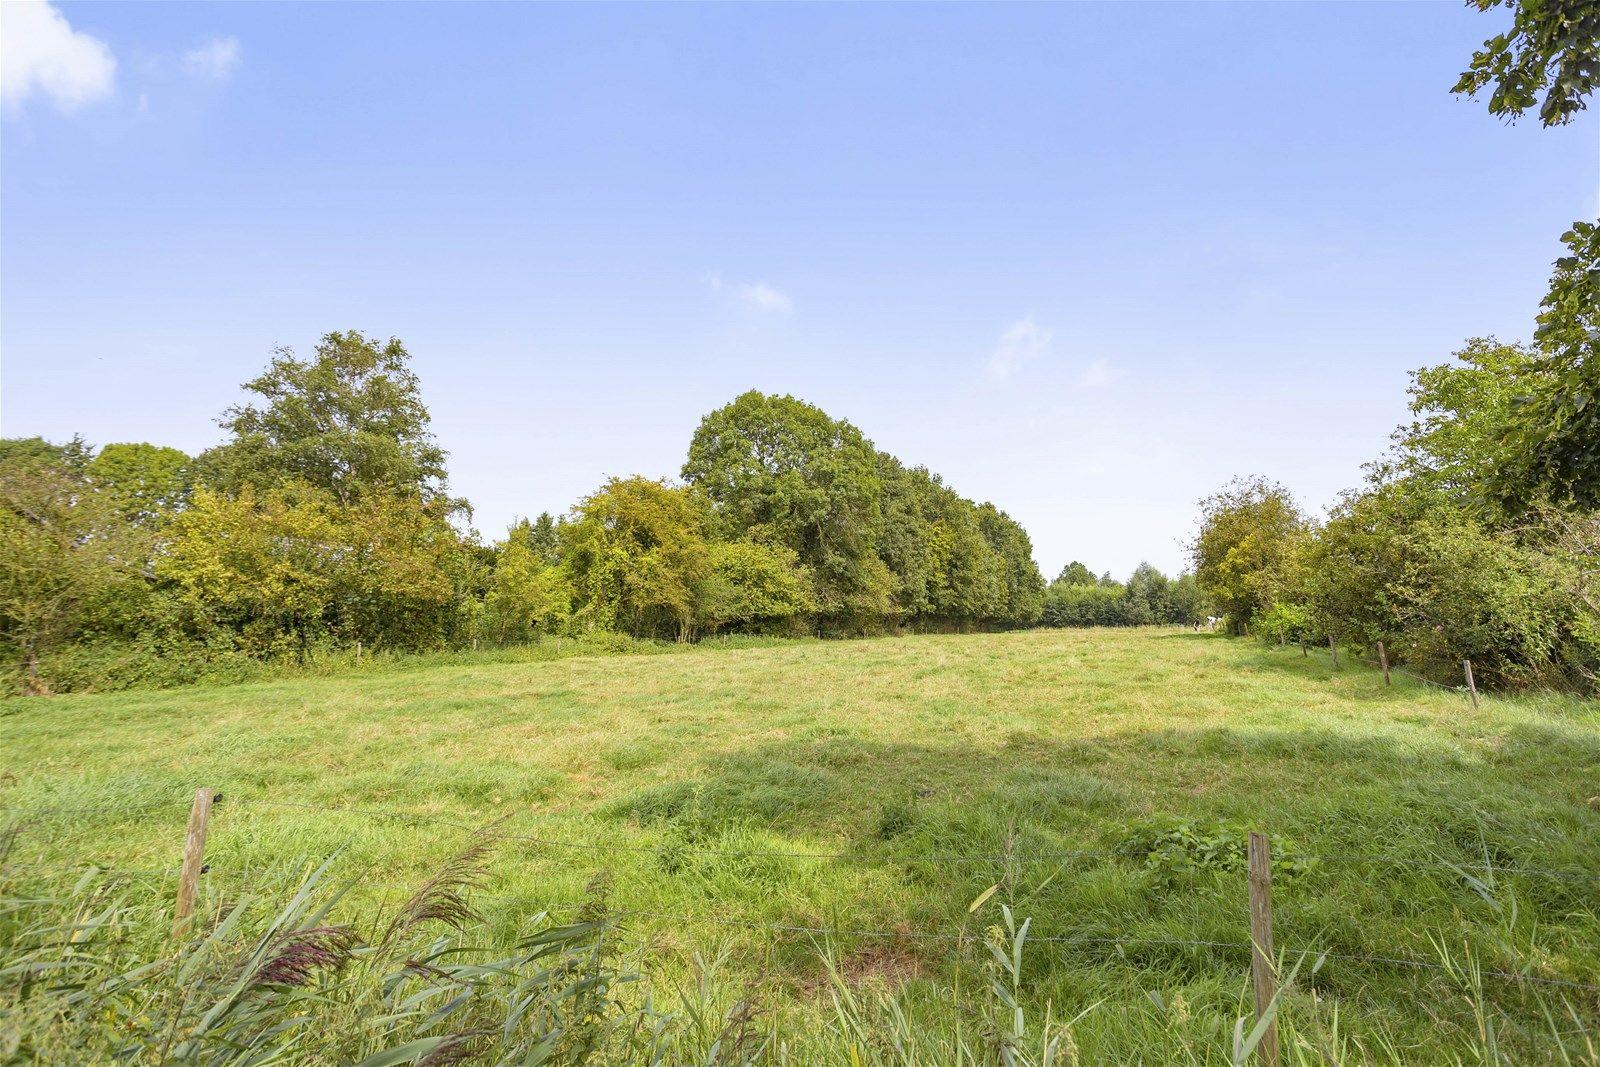 Bouwkavel gelegen op een perceel van ca 3.100 m² in een prachtige groenrijke omgeving maar toch op korte afstand van de dorpskern van Chaam met al haar dorpsvoorzieningen. Ook zijn de uitvalswegen naar Roosendaal, Breda, Rotterdam en Antwerpen binnen enkele minuten bereikbaar.  Om uw droom waar te maken dient er eerst een omgevingsvergunning te worden aangevraagd bij de gemeente Alphen-Chaam. De kosten voor deze aanvraag, ook wel leges genoemd, komen voor rekening van koper. De bijbehorende bouwregels en voorwaarden leest u verder in deze brochure.  Voor meer informatie kunt u telefonisch contact opnemen met de Gemeente Alphen-Chaam of ons kantoor. Het behoort tot de mogelijkheden om dit bouwkavel met meer grond aan te kopen.  Bouwregels Voor de bouw van een nieuwe vrijstaande woning op dit perceel gelden onder andere de volgende  bouwregels-  Woonhuis De goothoogte mag niet meer bedragen dan 5 m;  De bouwhoogte mag niet meer bedragen dan 9 m;  De inhoud mag niet meer bedragen dan 750 m3.   Bijgebouwen Dienen op een afstand van tenminste 2 m achter de voorgevelrooilijn en ten minste 1 m van de  woning te worden gebouwd; De gezamenlijke oppervlakte mag niet meer bedragen dan 200 m² per toegestane woning; De goothoogte mag niet meer bedragen dan 3 m; De bouwhoogte mag niet meer bedragen dan 6 m  Aan-huis-verbonden beroep of bedrijf Binnen de bestemming -Wonen- is de uitoefening van een aan-huis-verbonden beroep of bedrijf  toegestaan als ondergeschikte activiteit bij de woonfunctie, waarbij moet worden voldaan aan de volgende voorwaarden- De omvang van de activiteit mag niet meer bedragen dan 30% van de gezamenlijke oppervlakte van de bebouwing van de woning en/of bijgebouwen tot een maximum van 50 m². Het gebruik mag geen nadelige invloed hebben op de normale afwikkeling van het verkeer en mag geen onevenredige toename van de parkeerbehoefte veroorzaken. De activiteit dient milieu hygienisch inpasbaar te zijn in de woonomgeving. Detailhandel is niet toegestaan. De ac